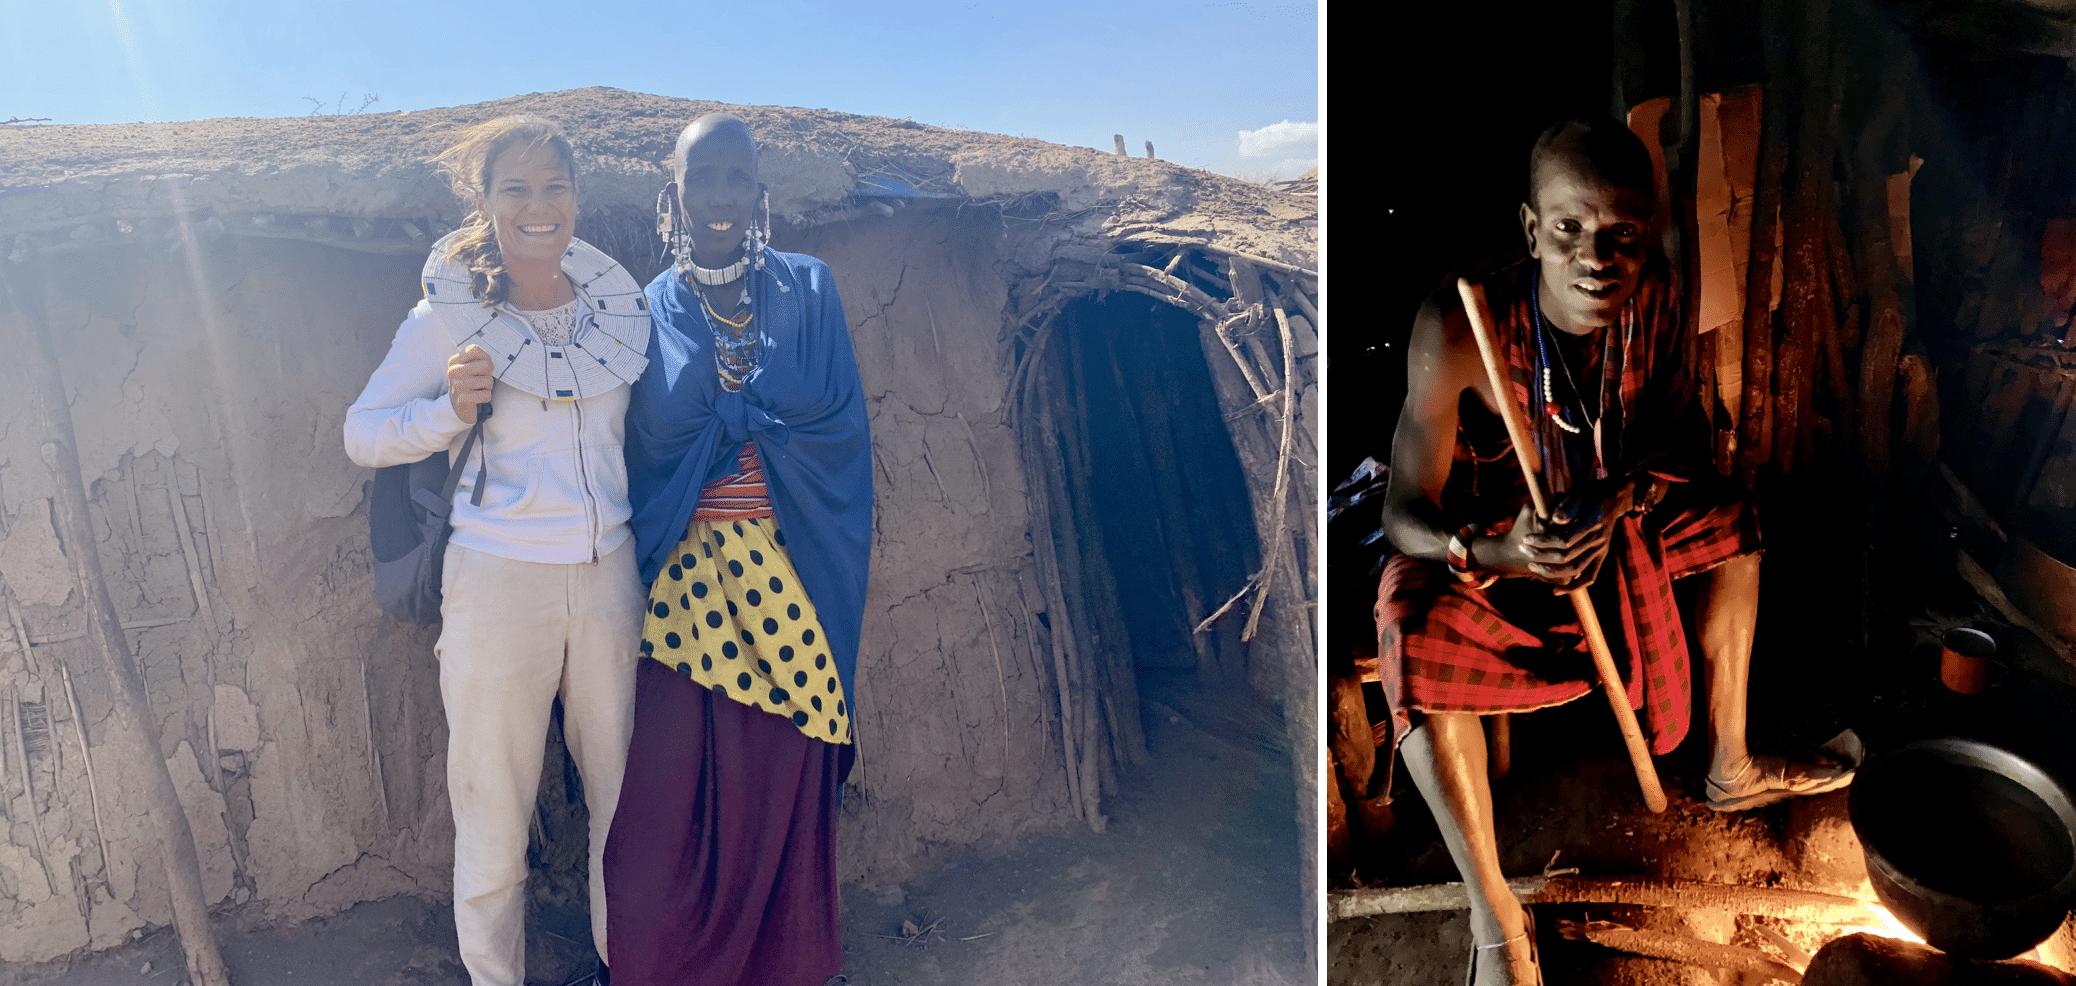 visite d'un village massai